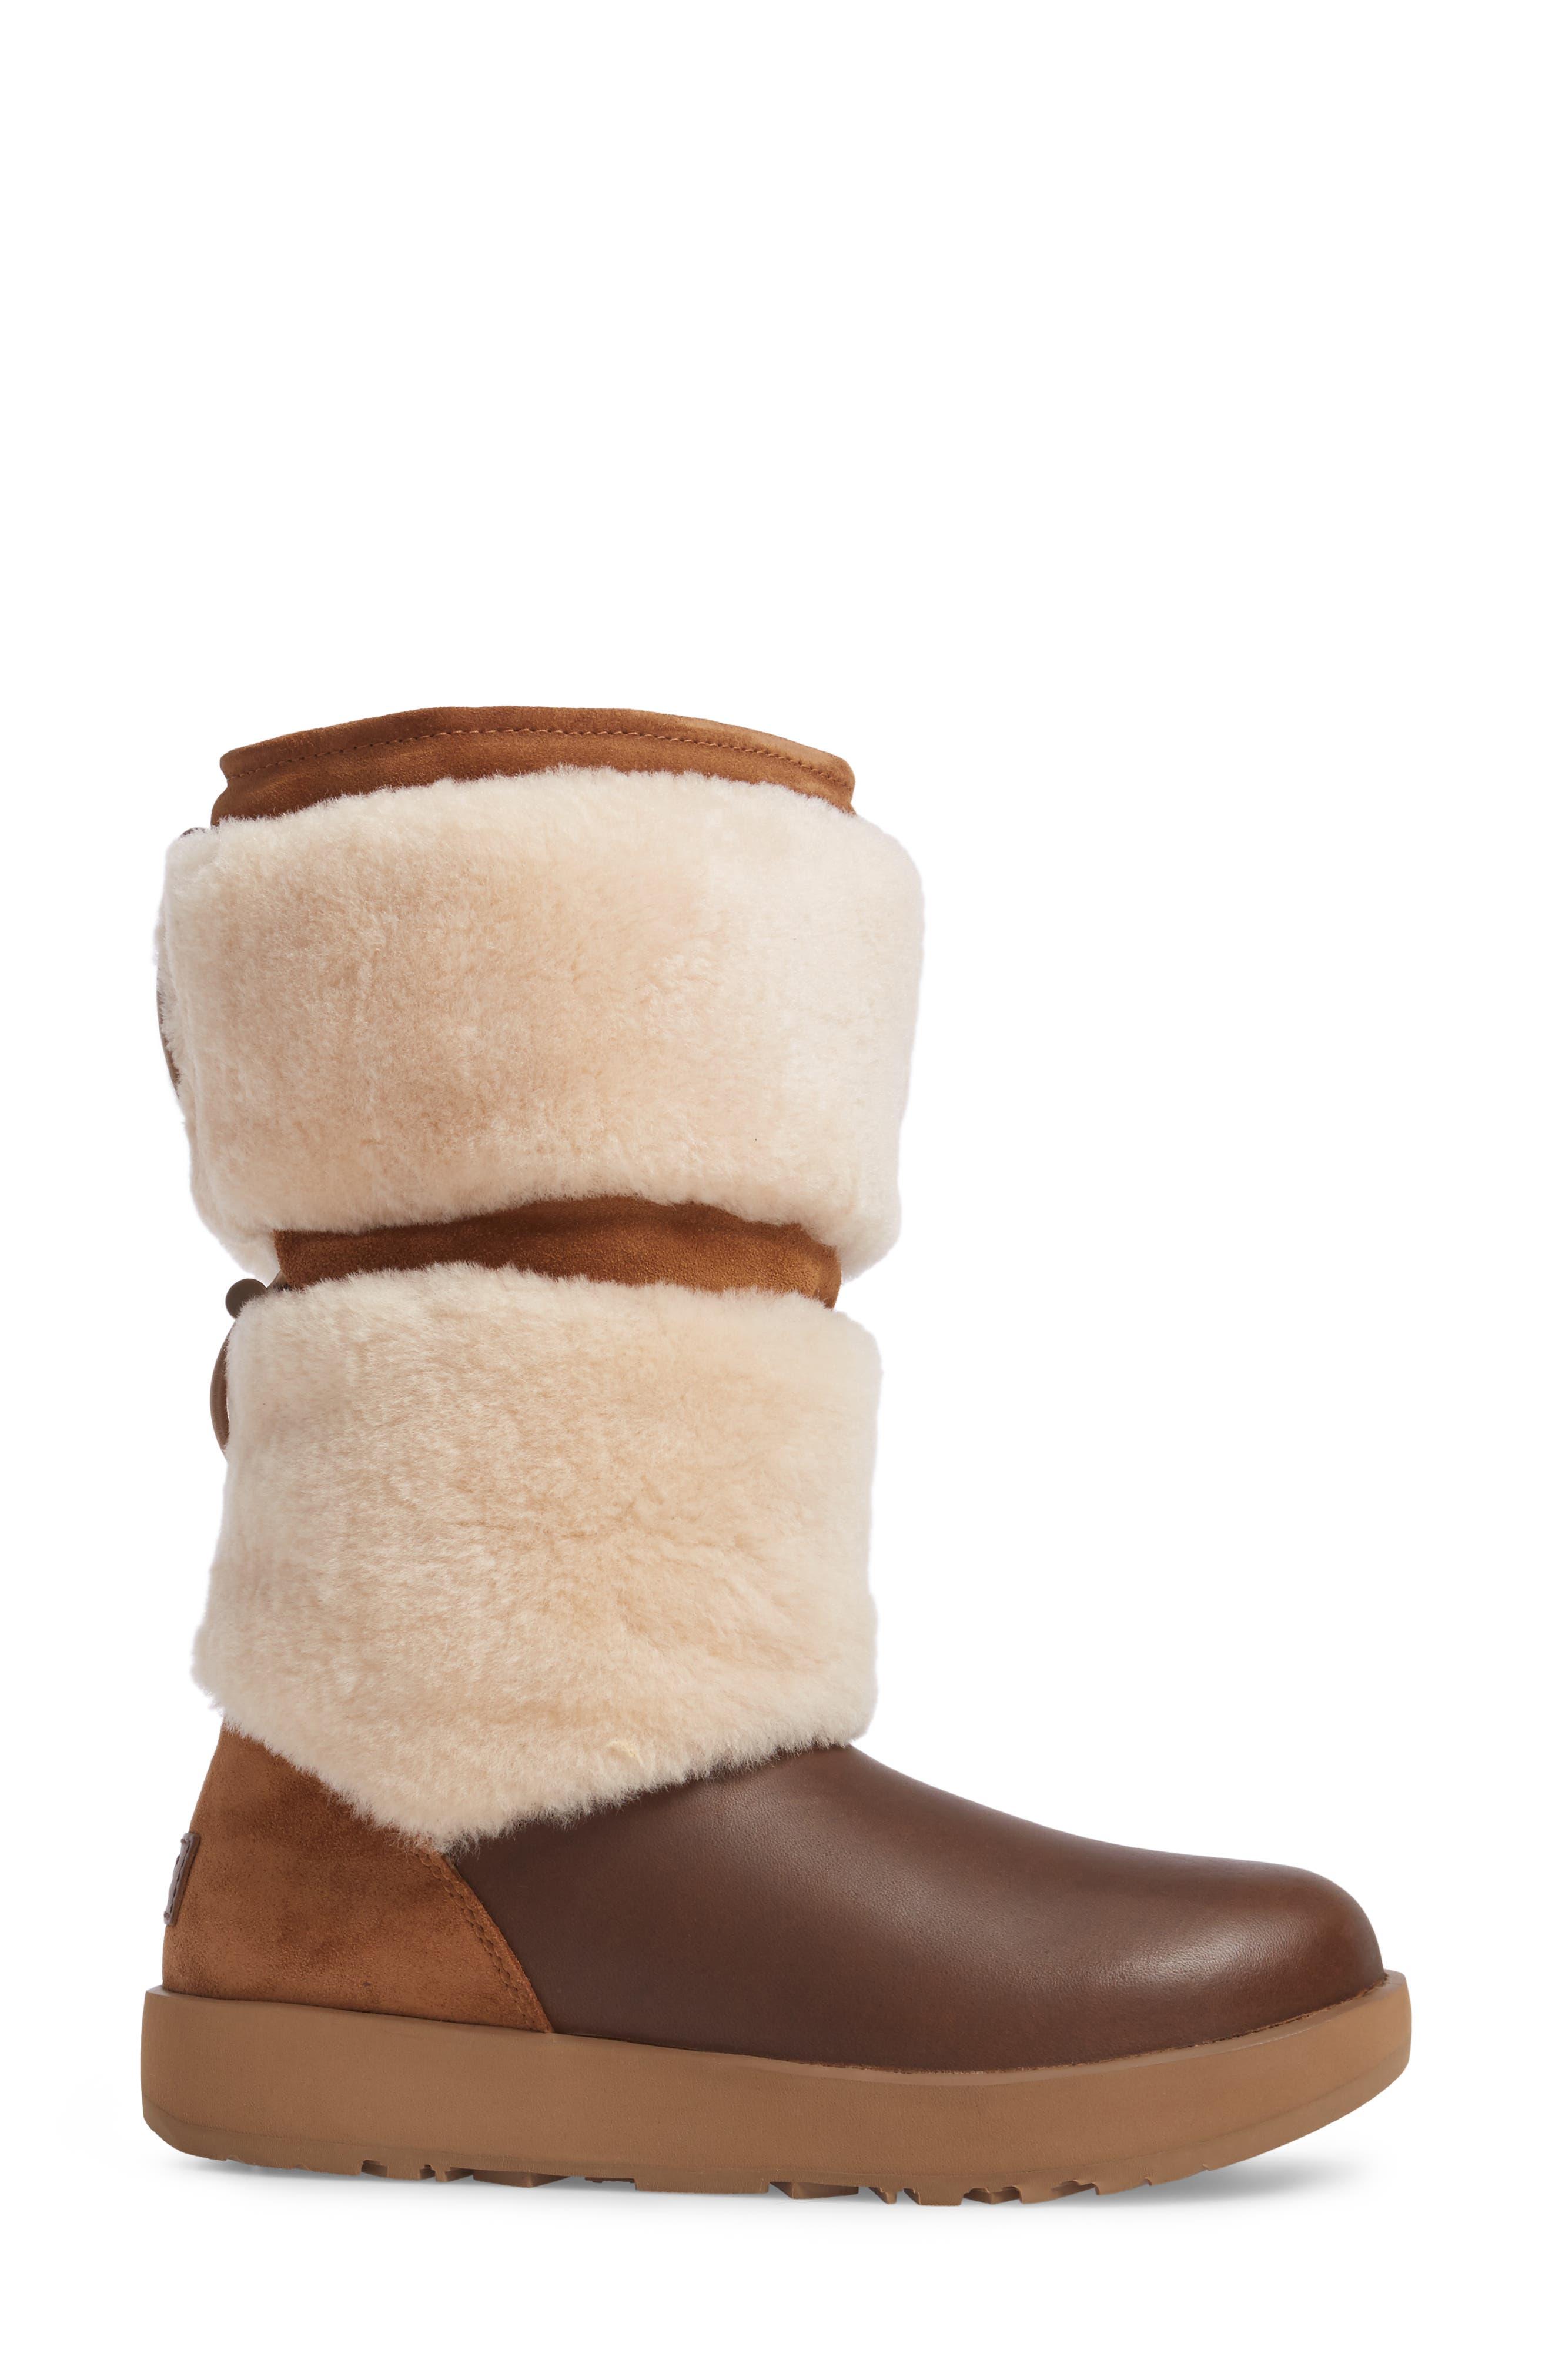 Reykir Waterproof Snow Boot,                             Alternate thumbnail 9, color,